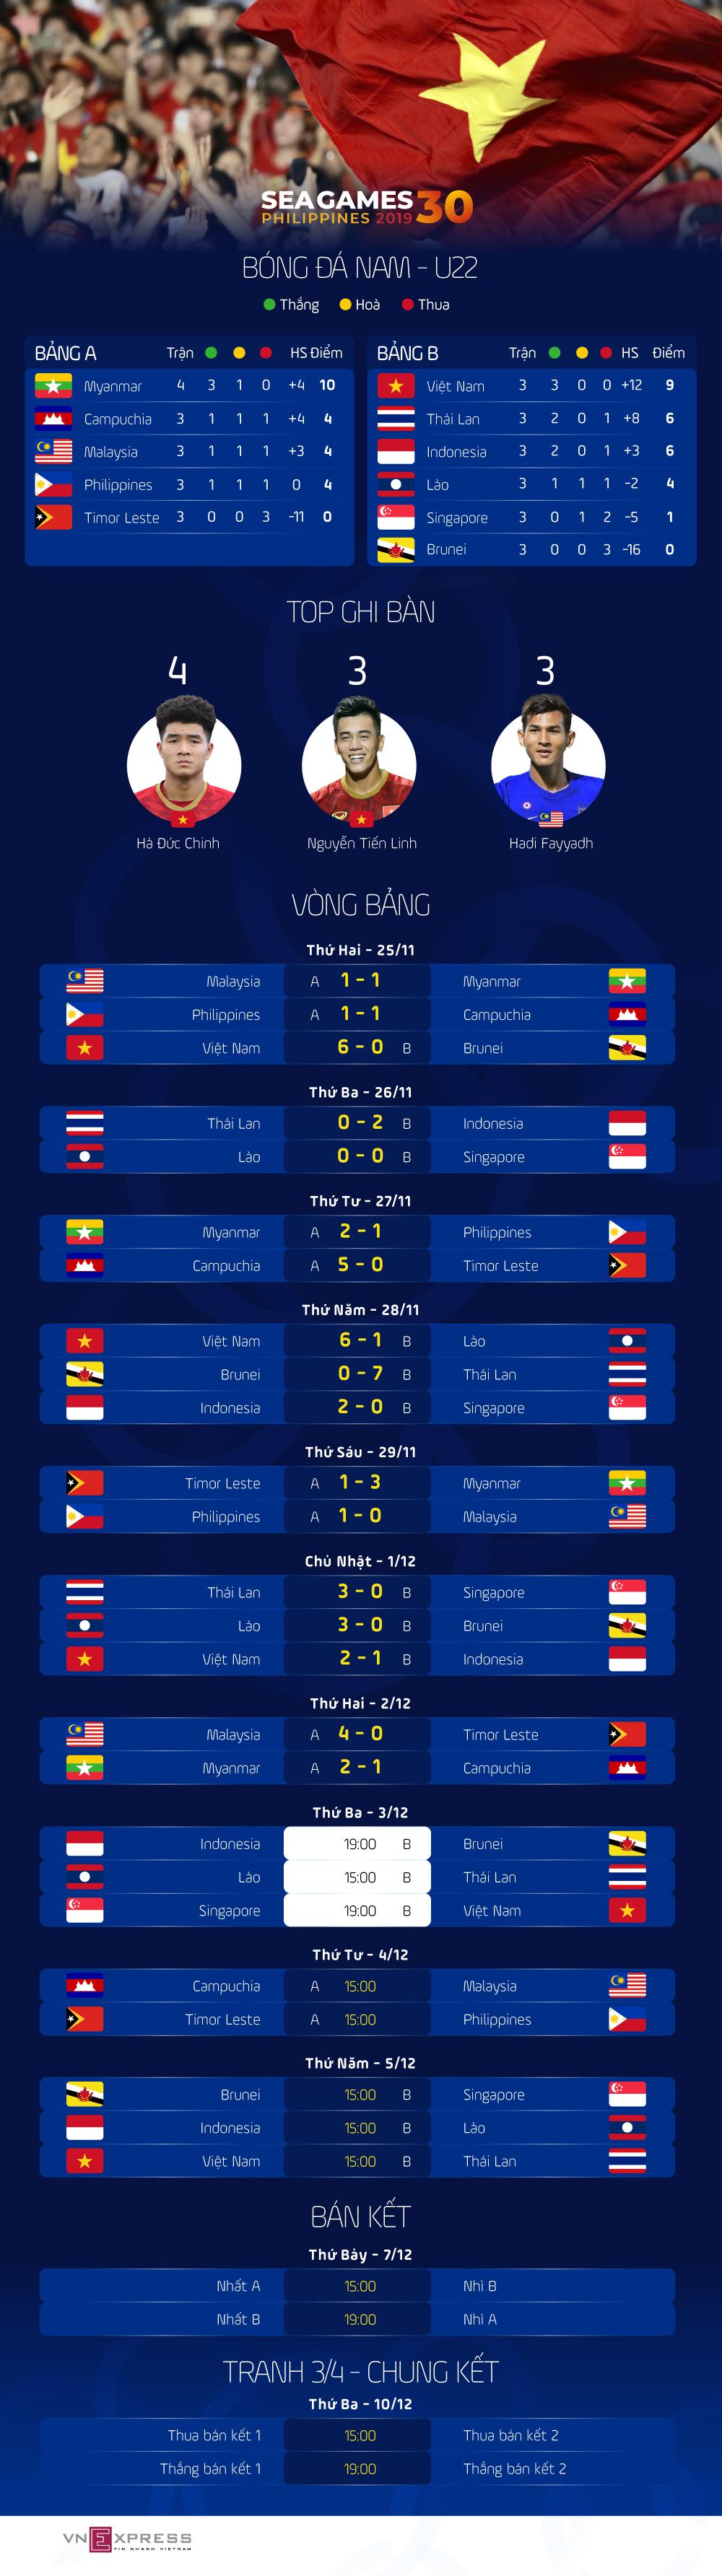 Bóng đá SEA Games ngày 3/12: Bảng B có thể xáo trộn